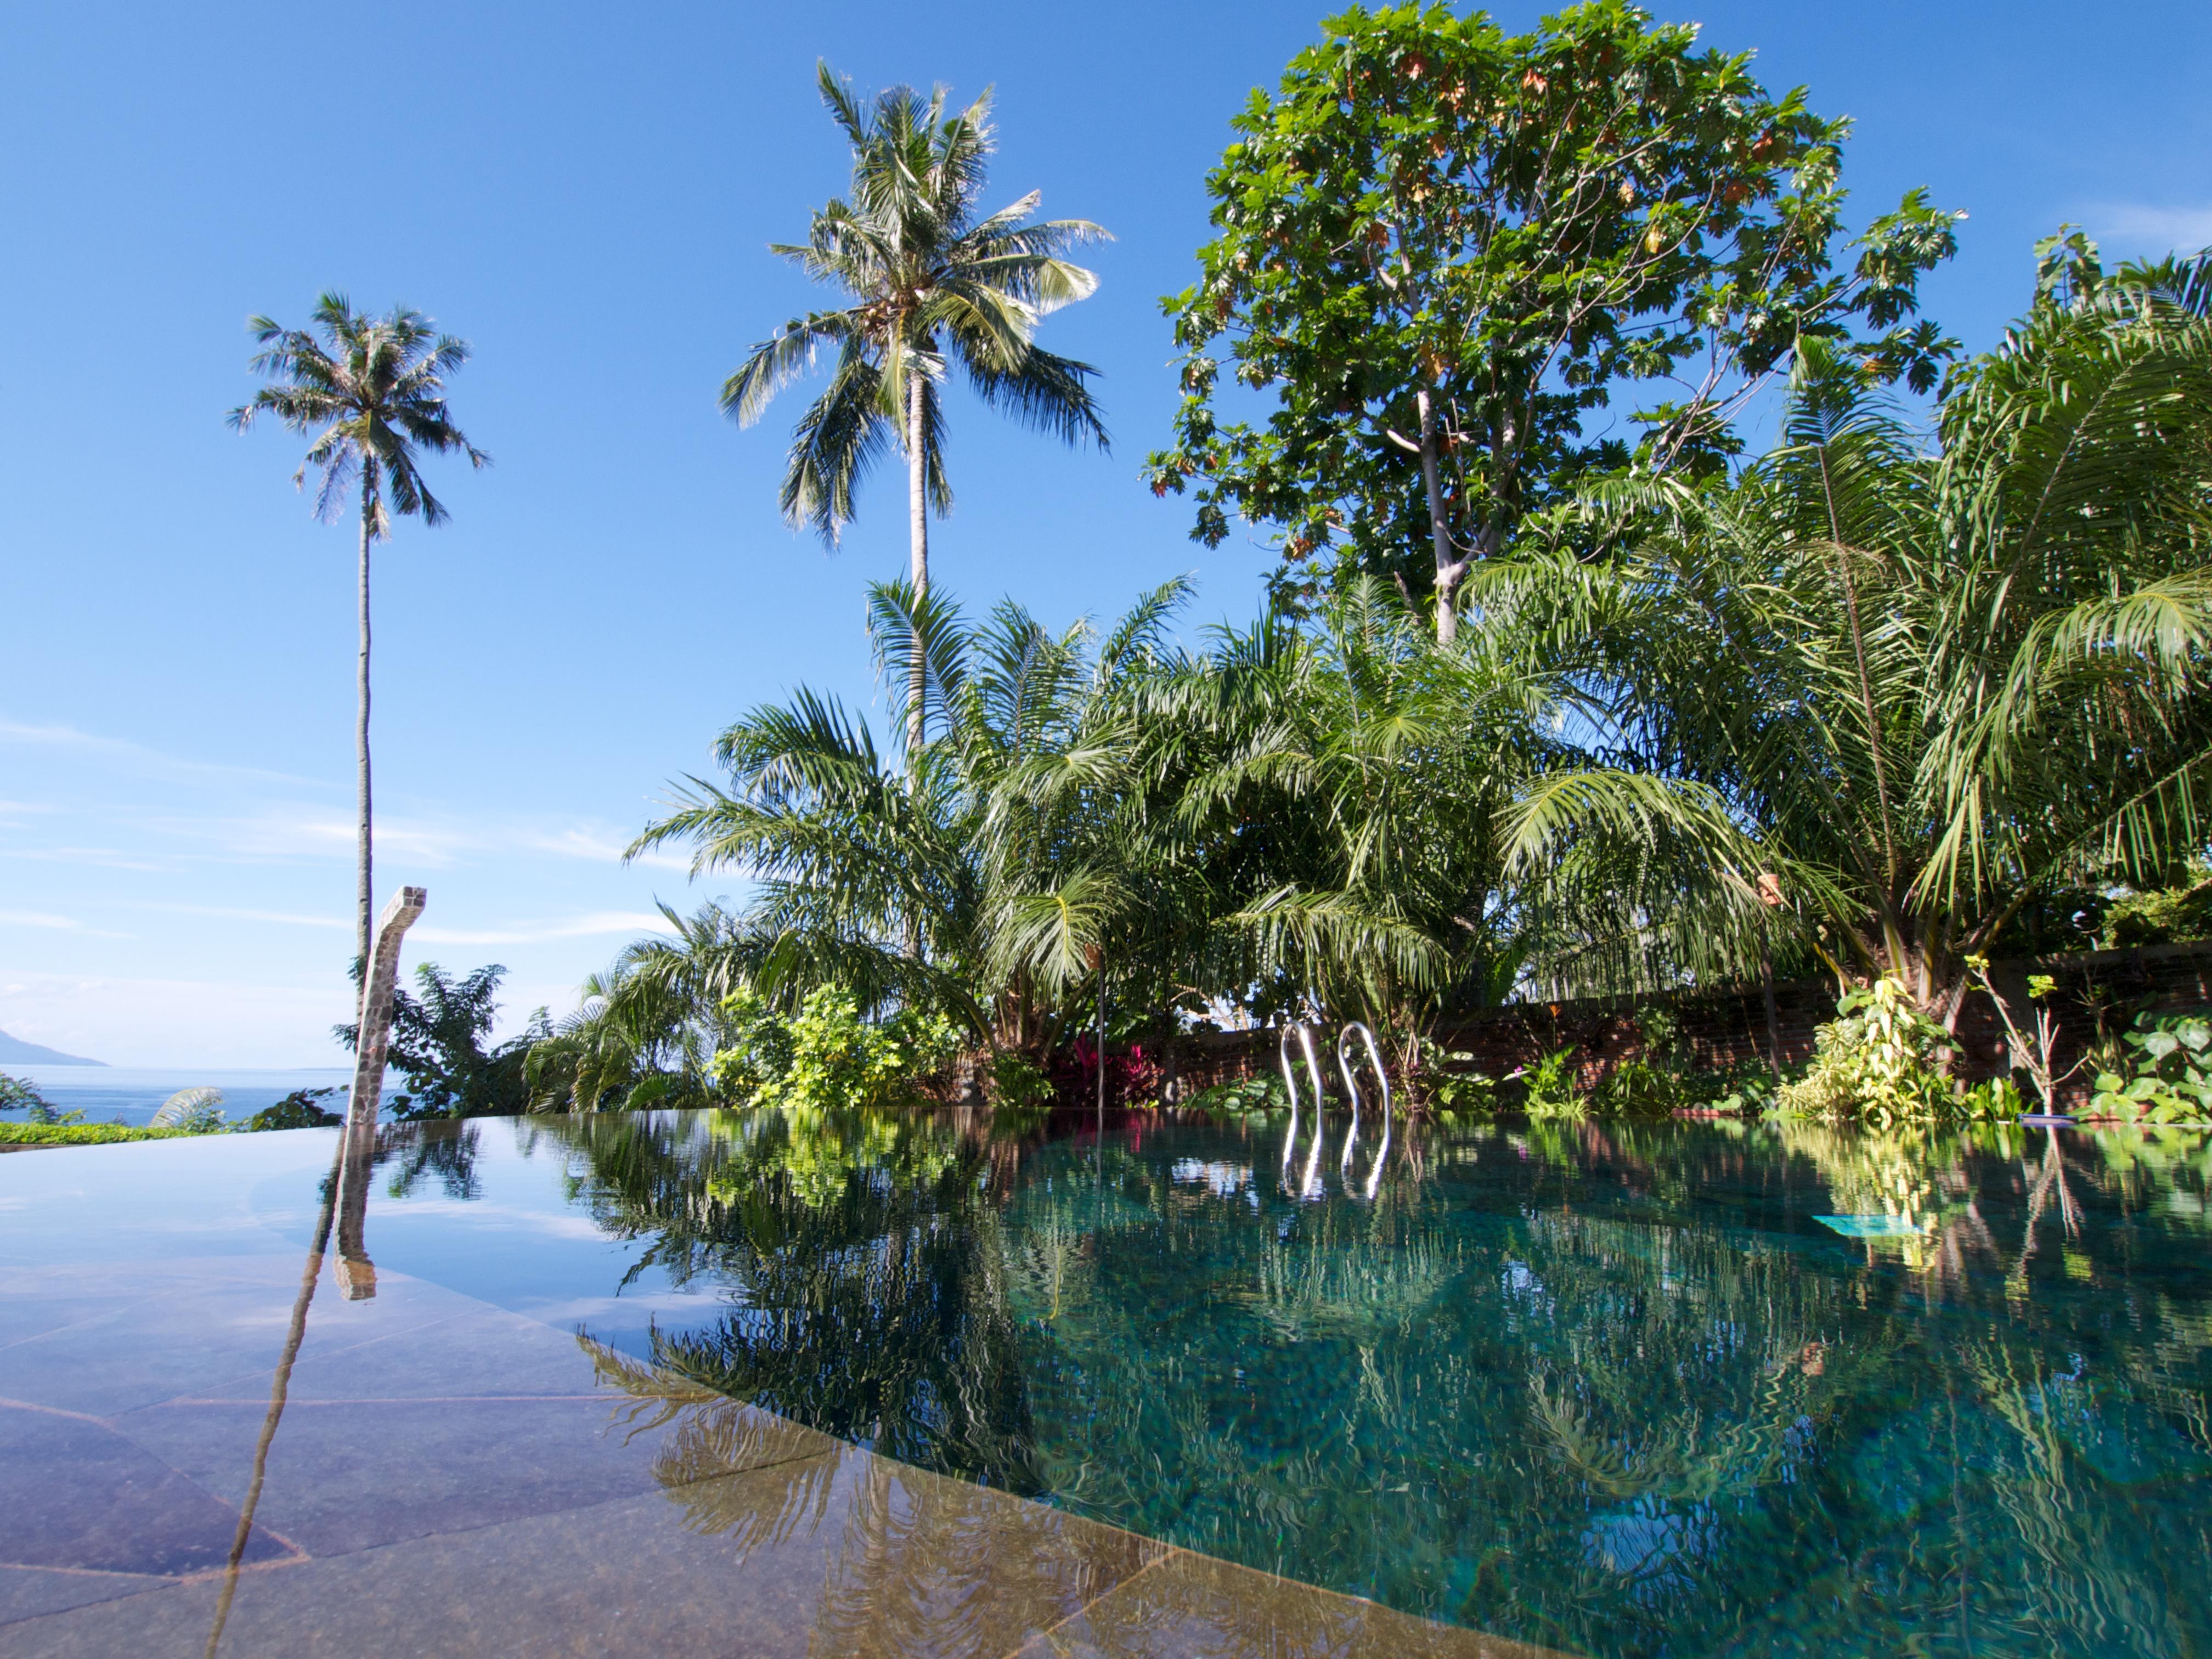 Zwembad bij Lumba Lumba Noord Sulawesi